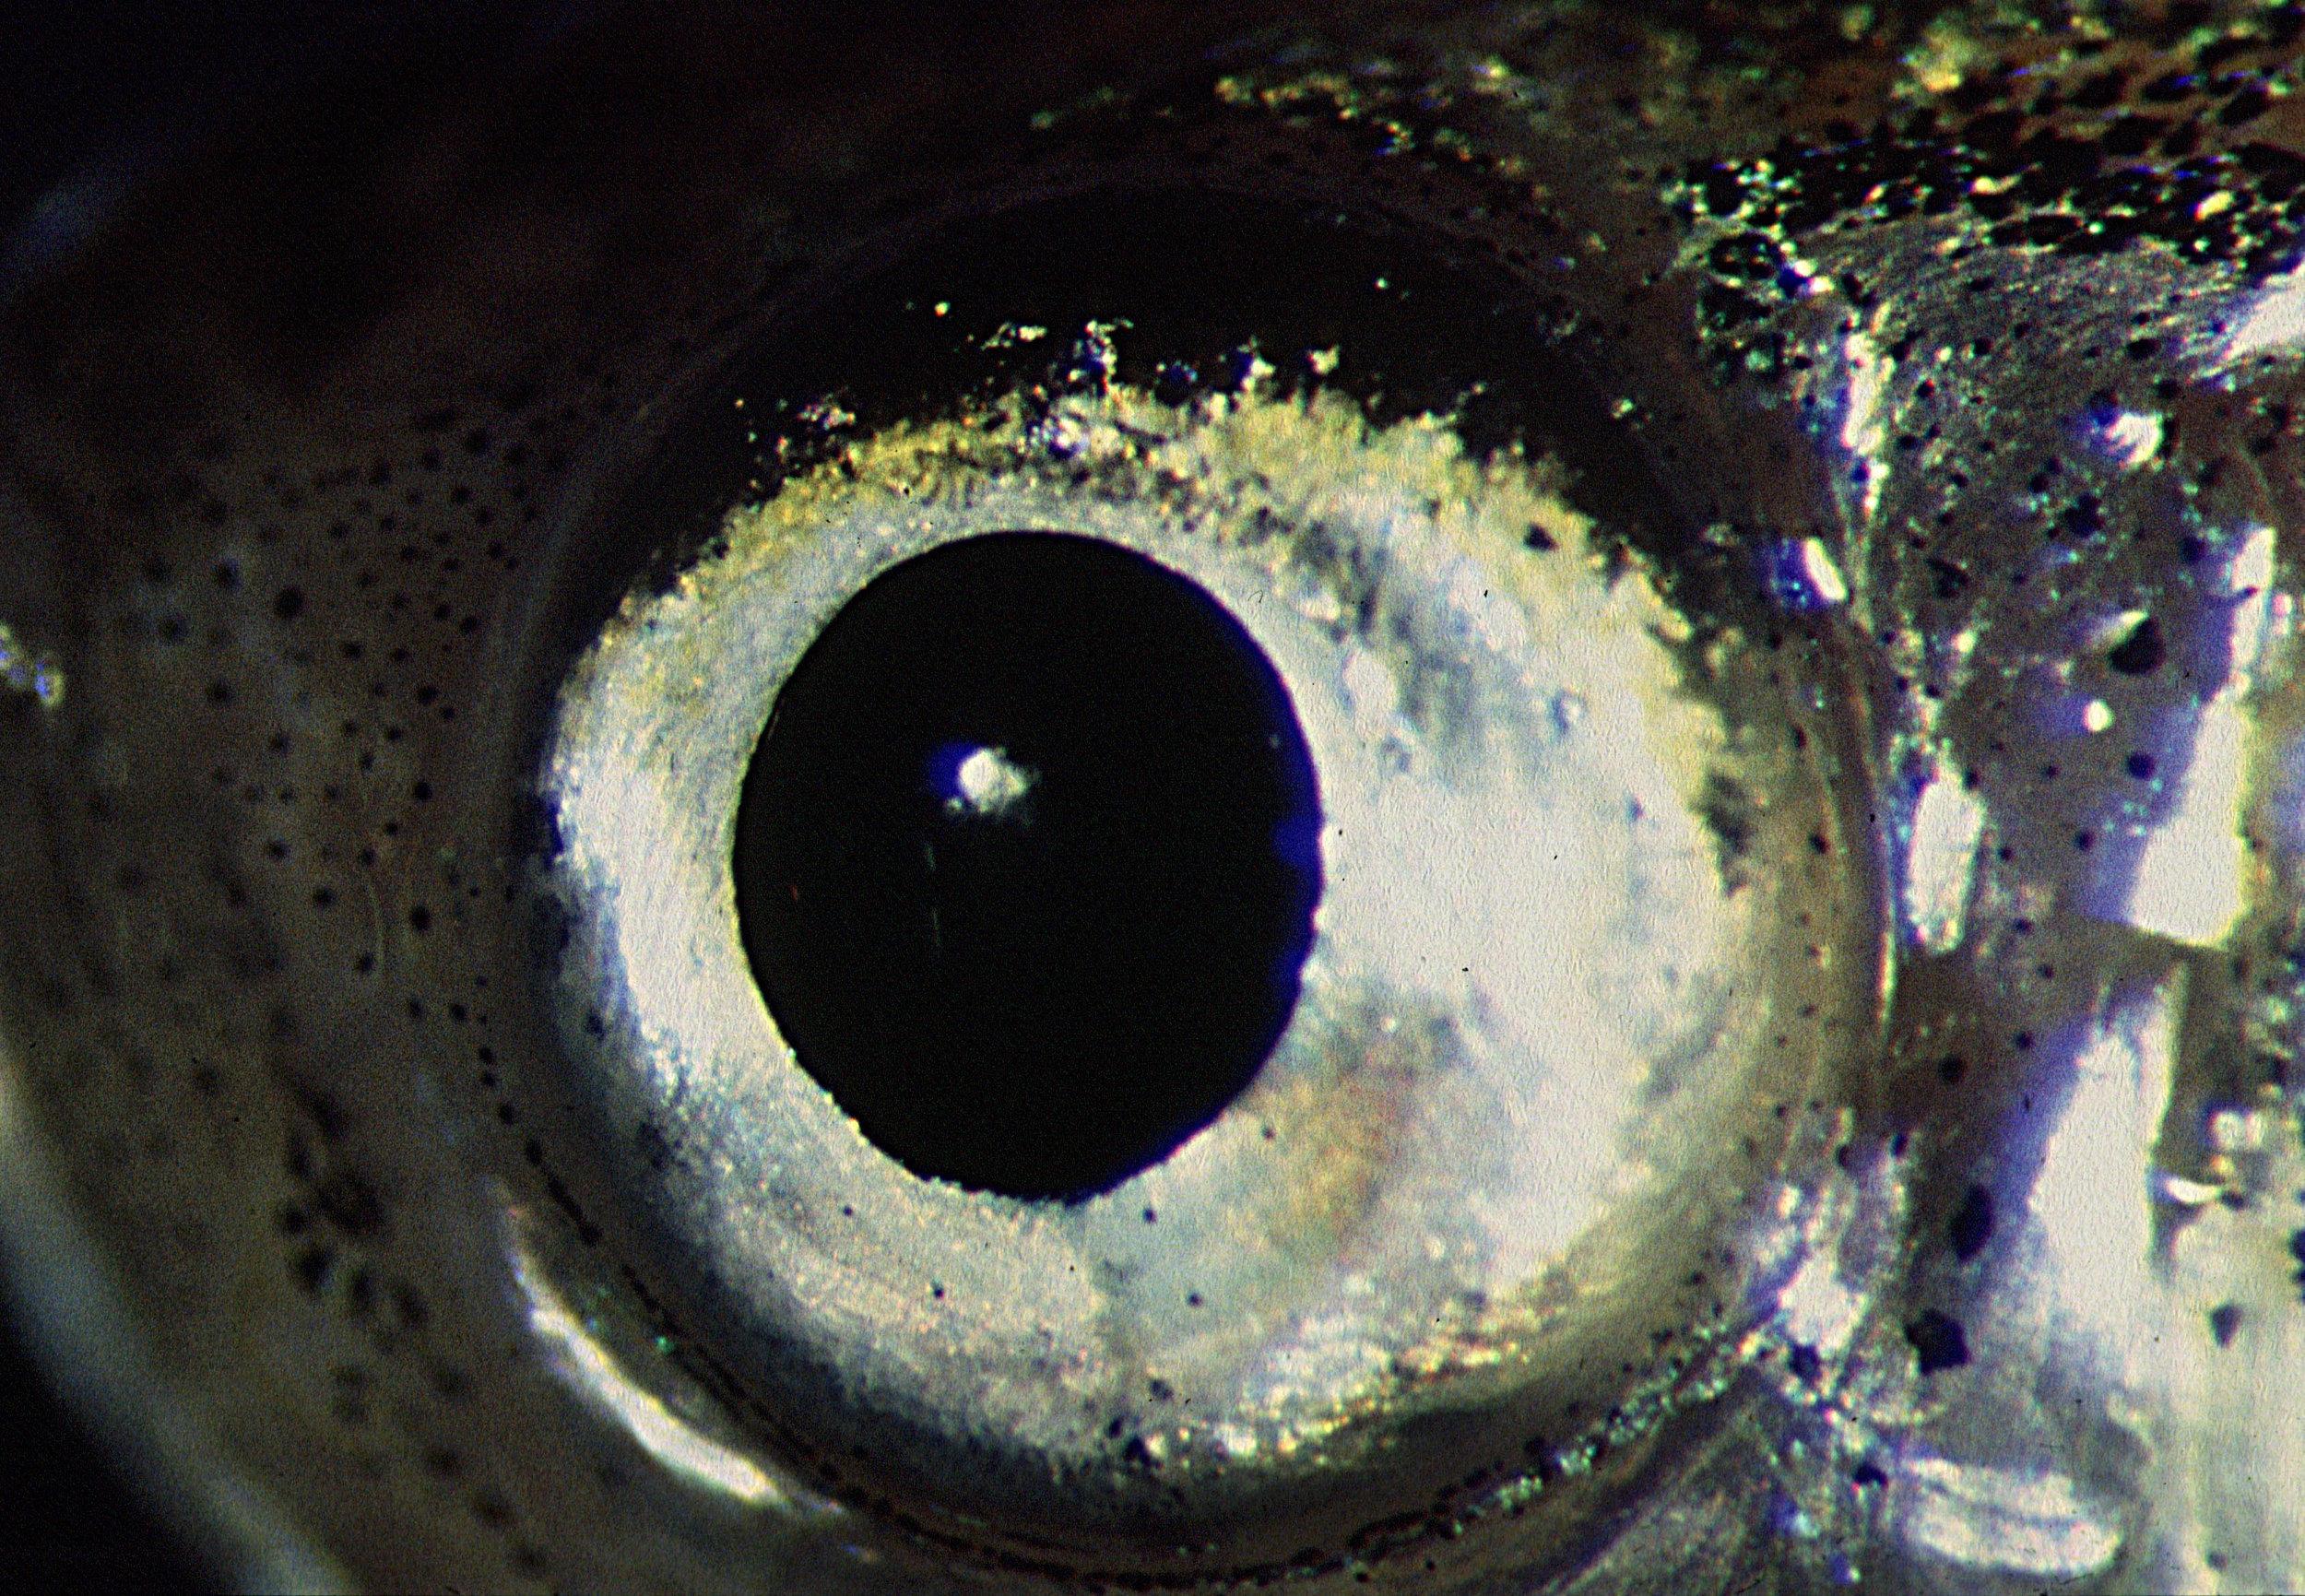 Zebrafish eye